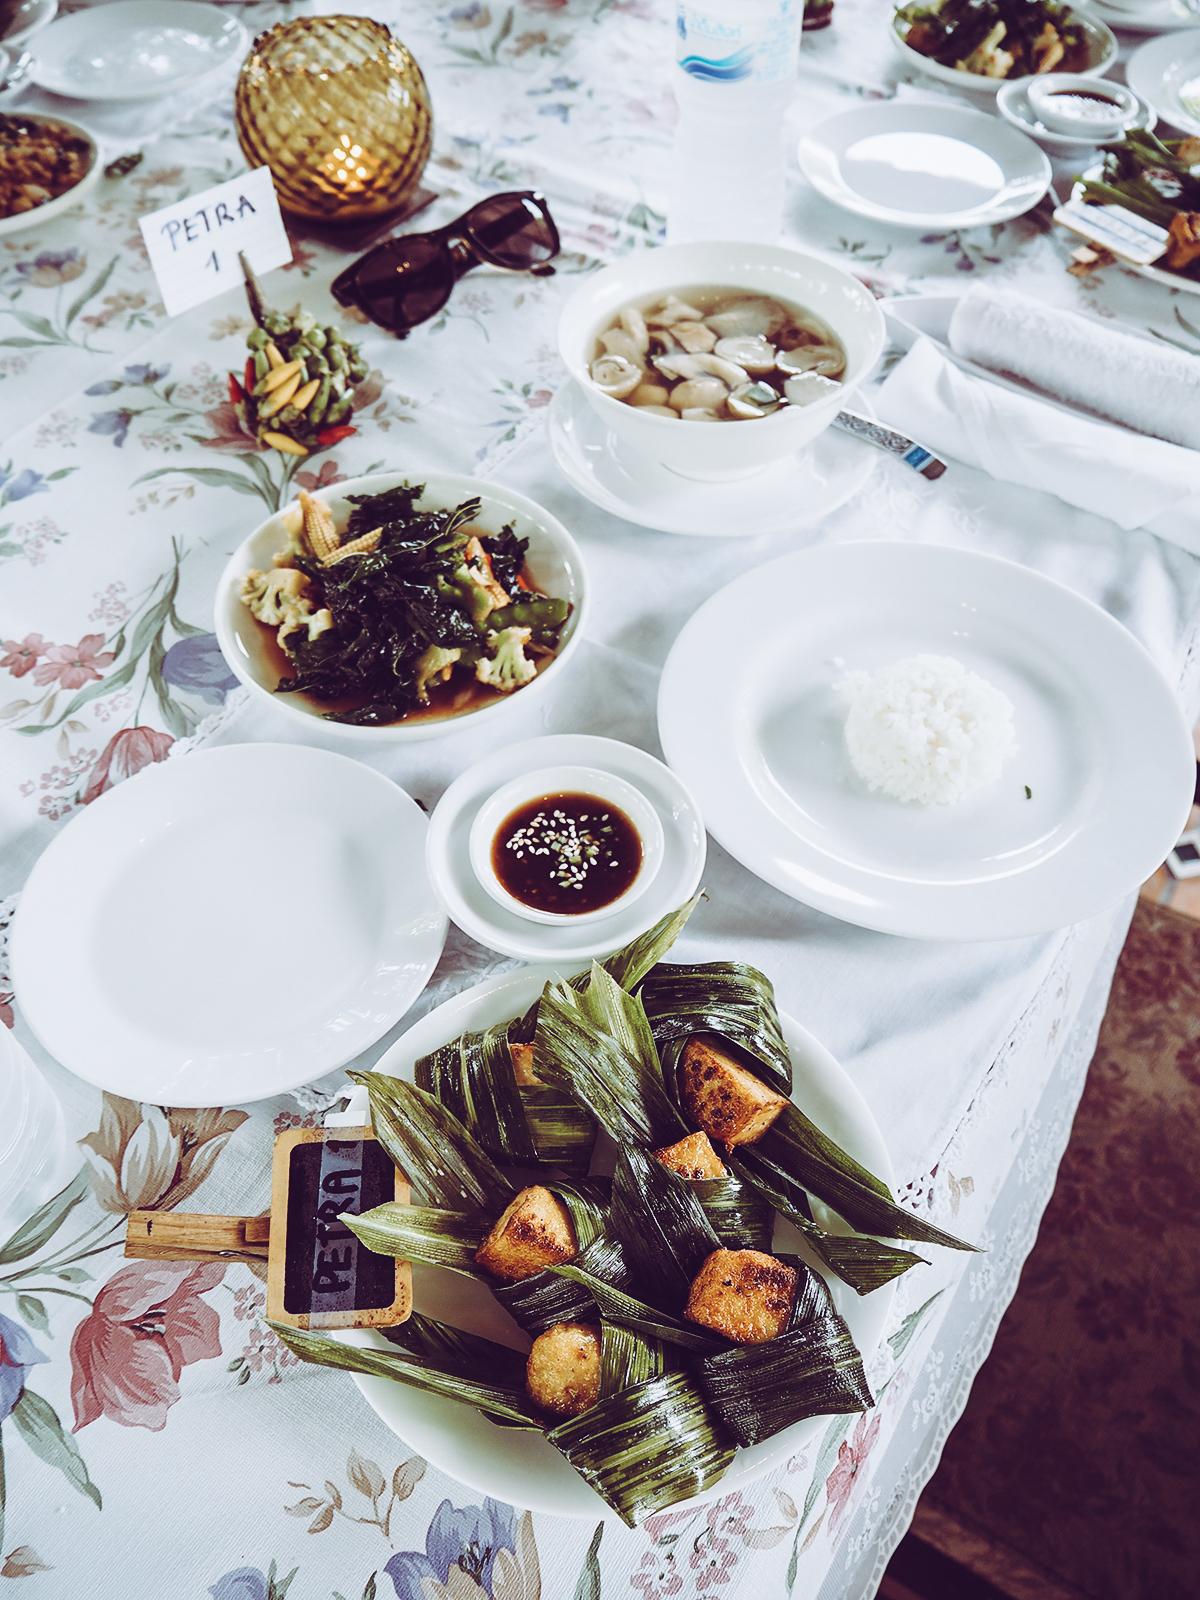 Amita Thai Cooking Class |Pixi mit Milch